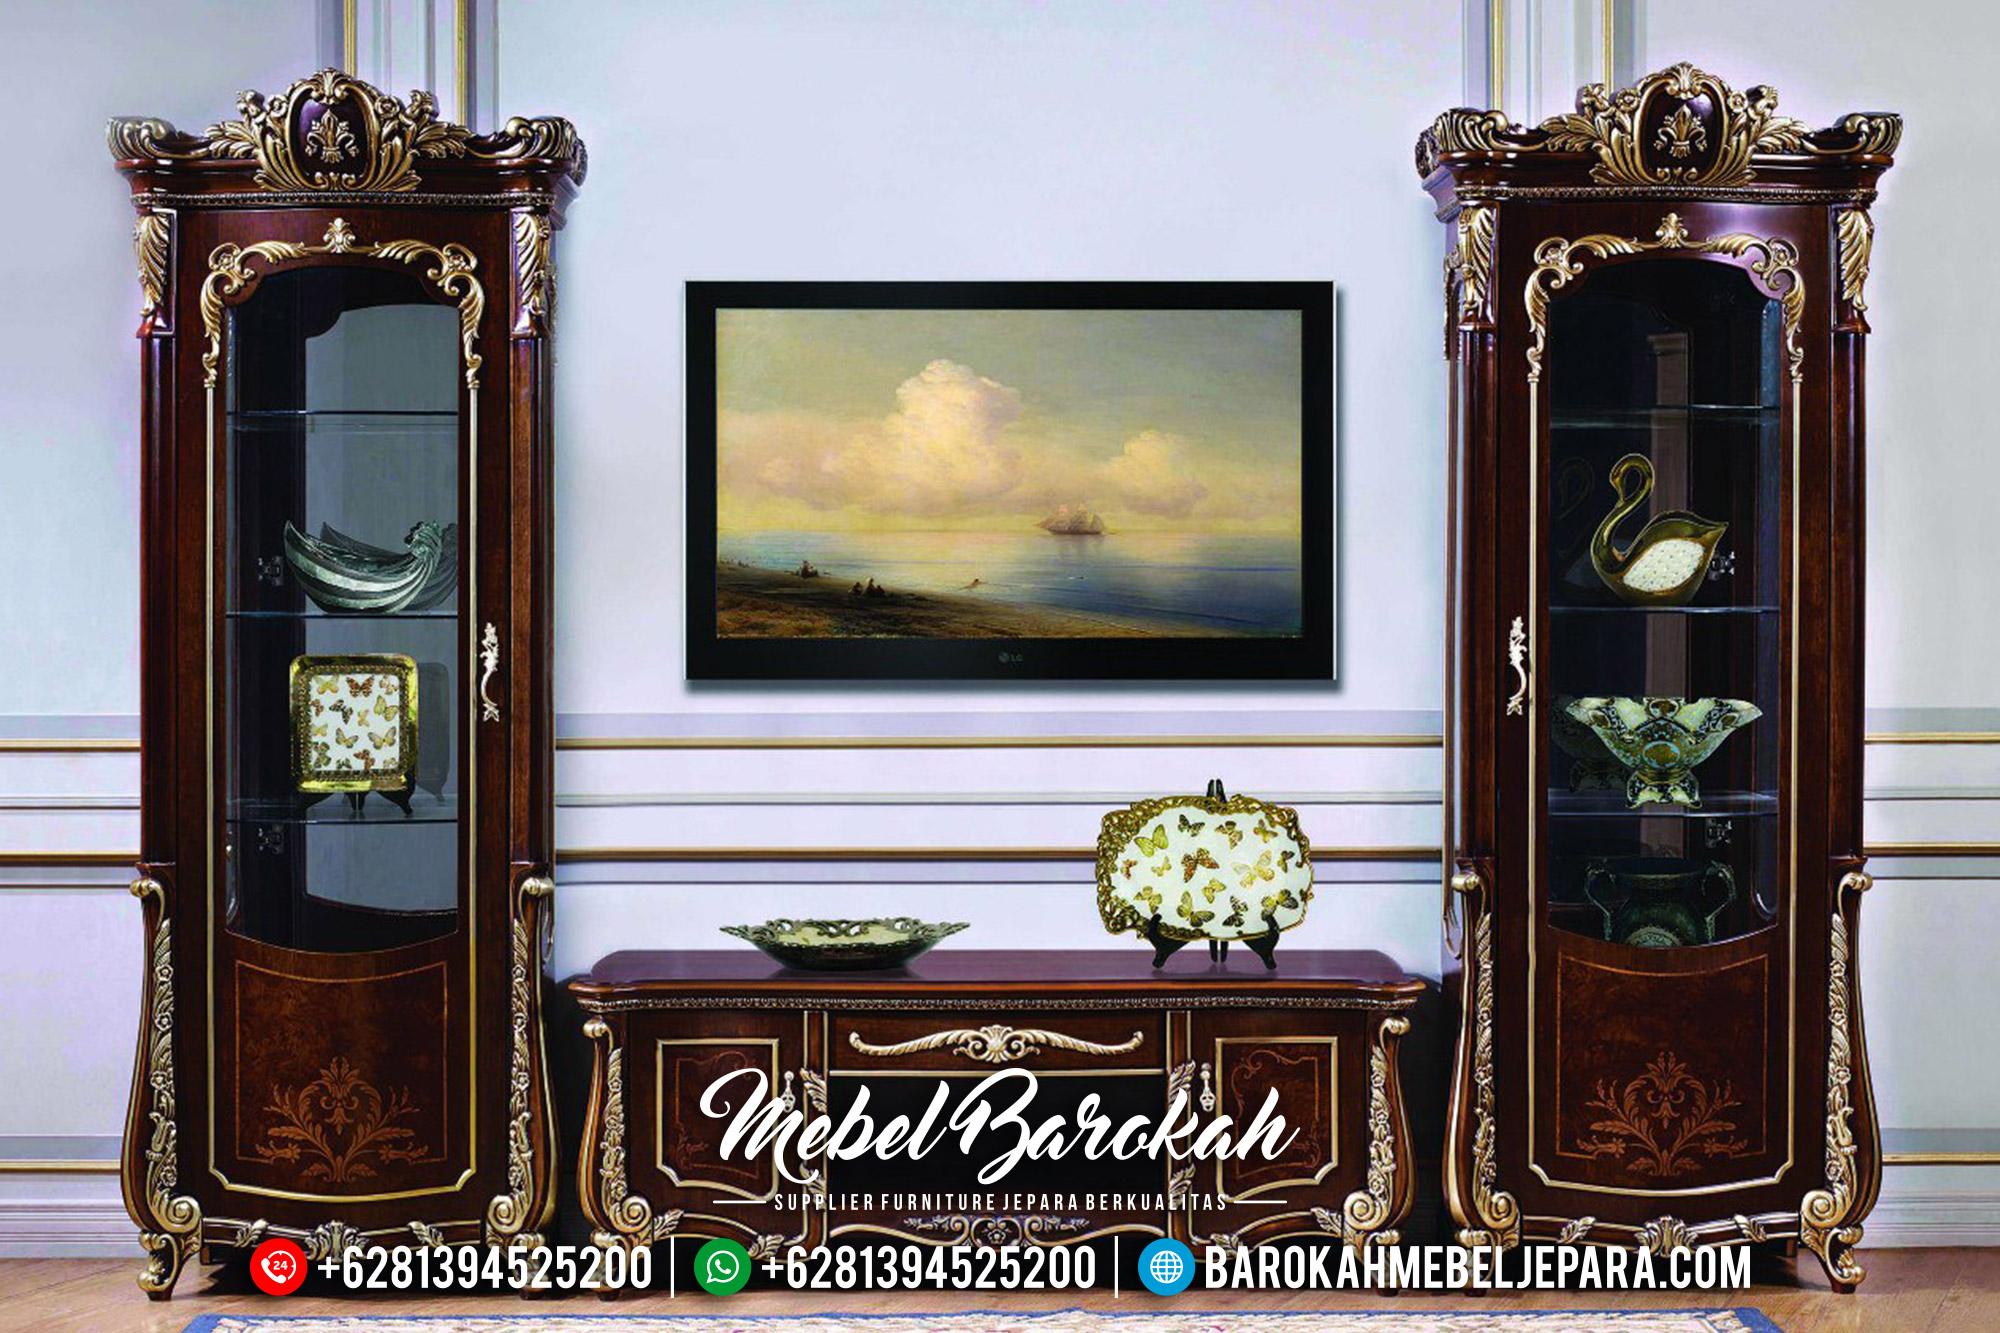 New Desain Set Meja TV Mewah, Lemari Hias Ukiran Kayu Jati Natural Classic Jepara MB-0563